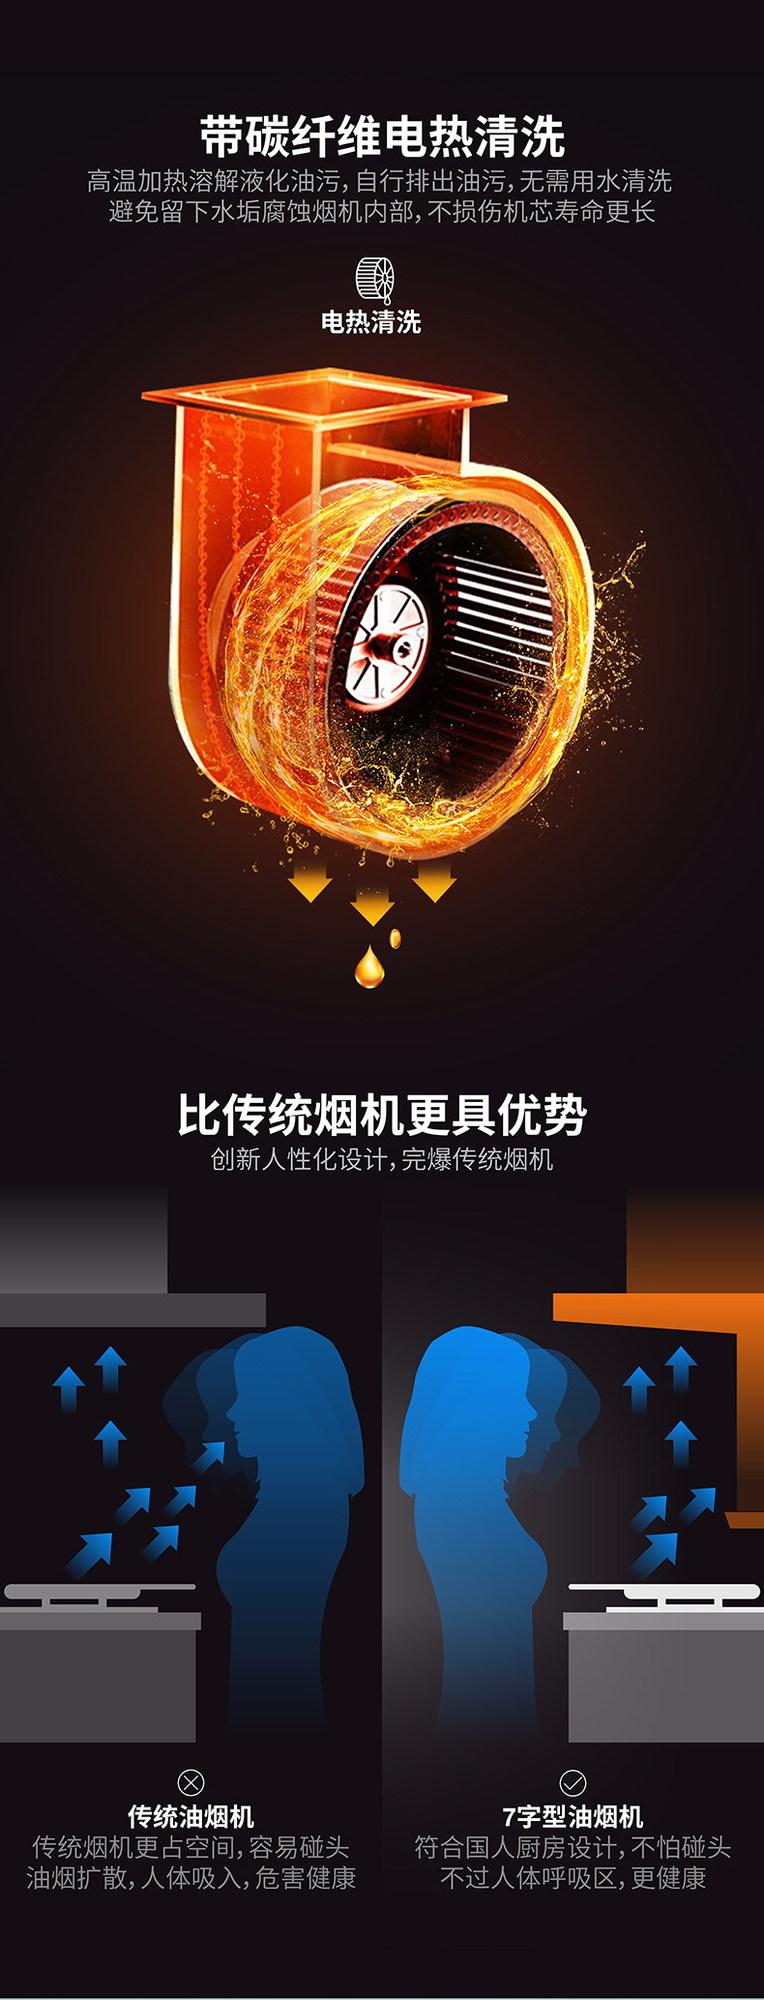 b12_看圖王.jpg